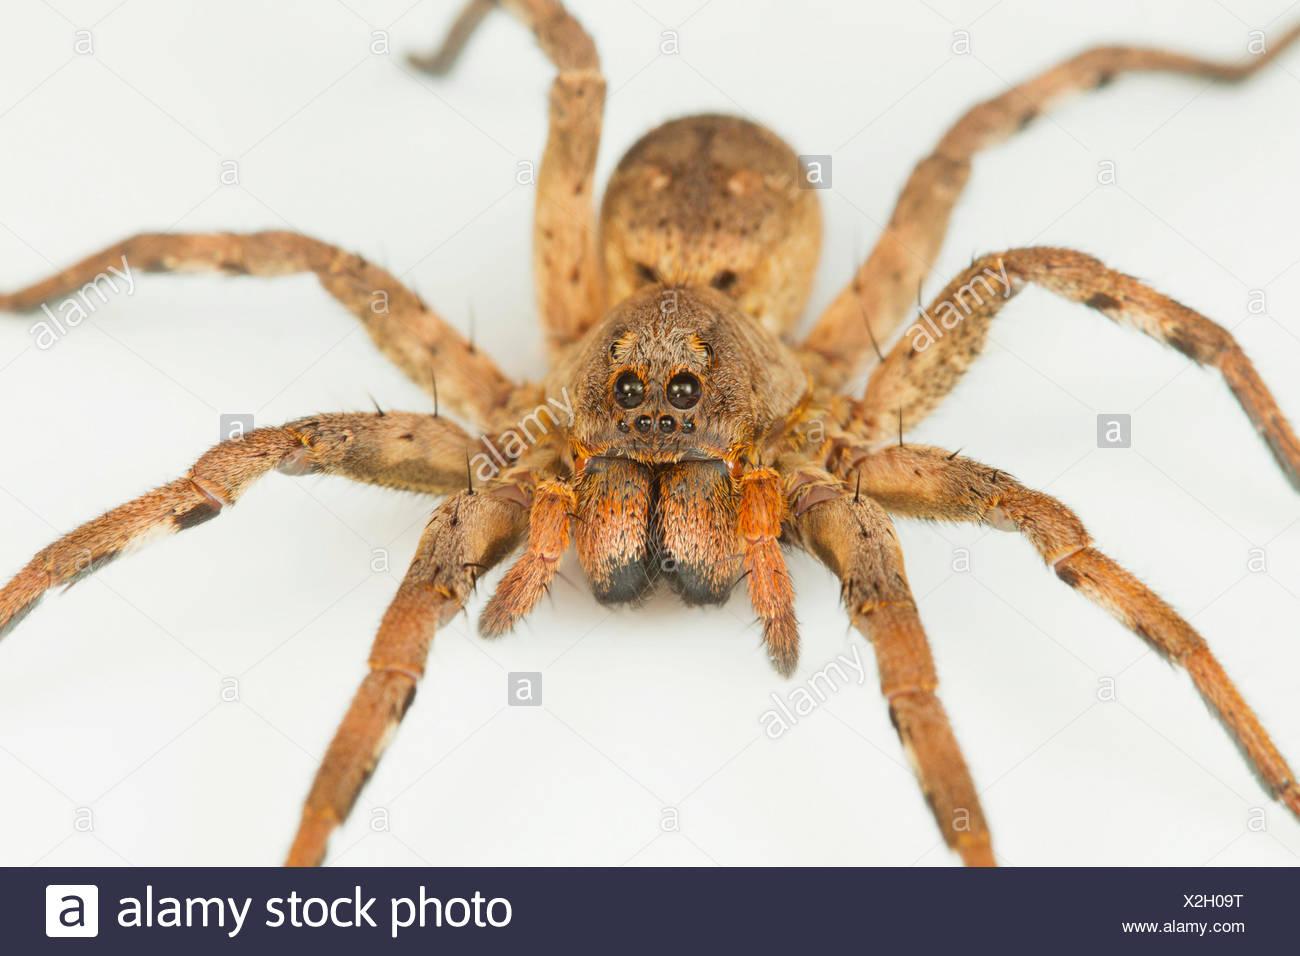 Wolf spider, Pardosa sp., Lycosidae NCBS, Bangalore, India - Stock Image